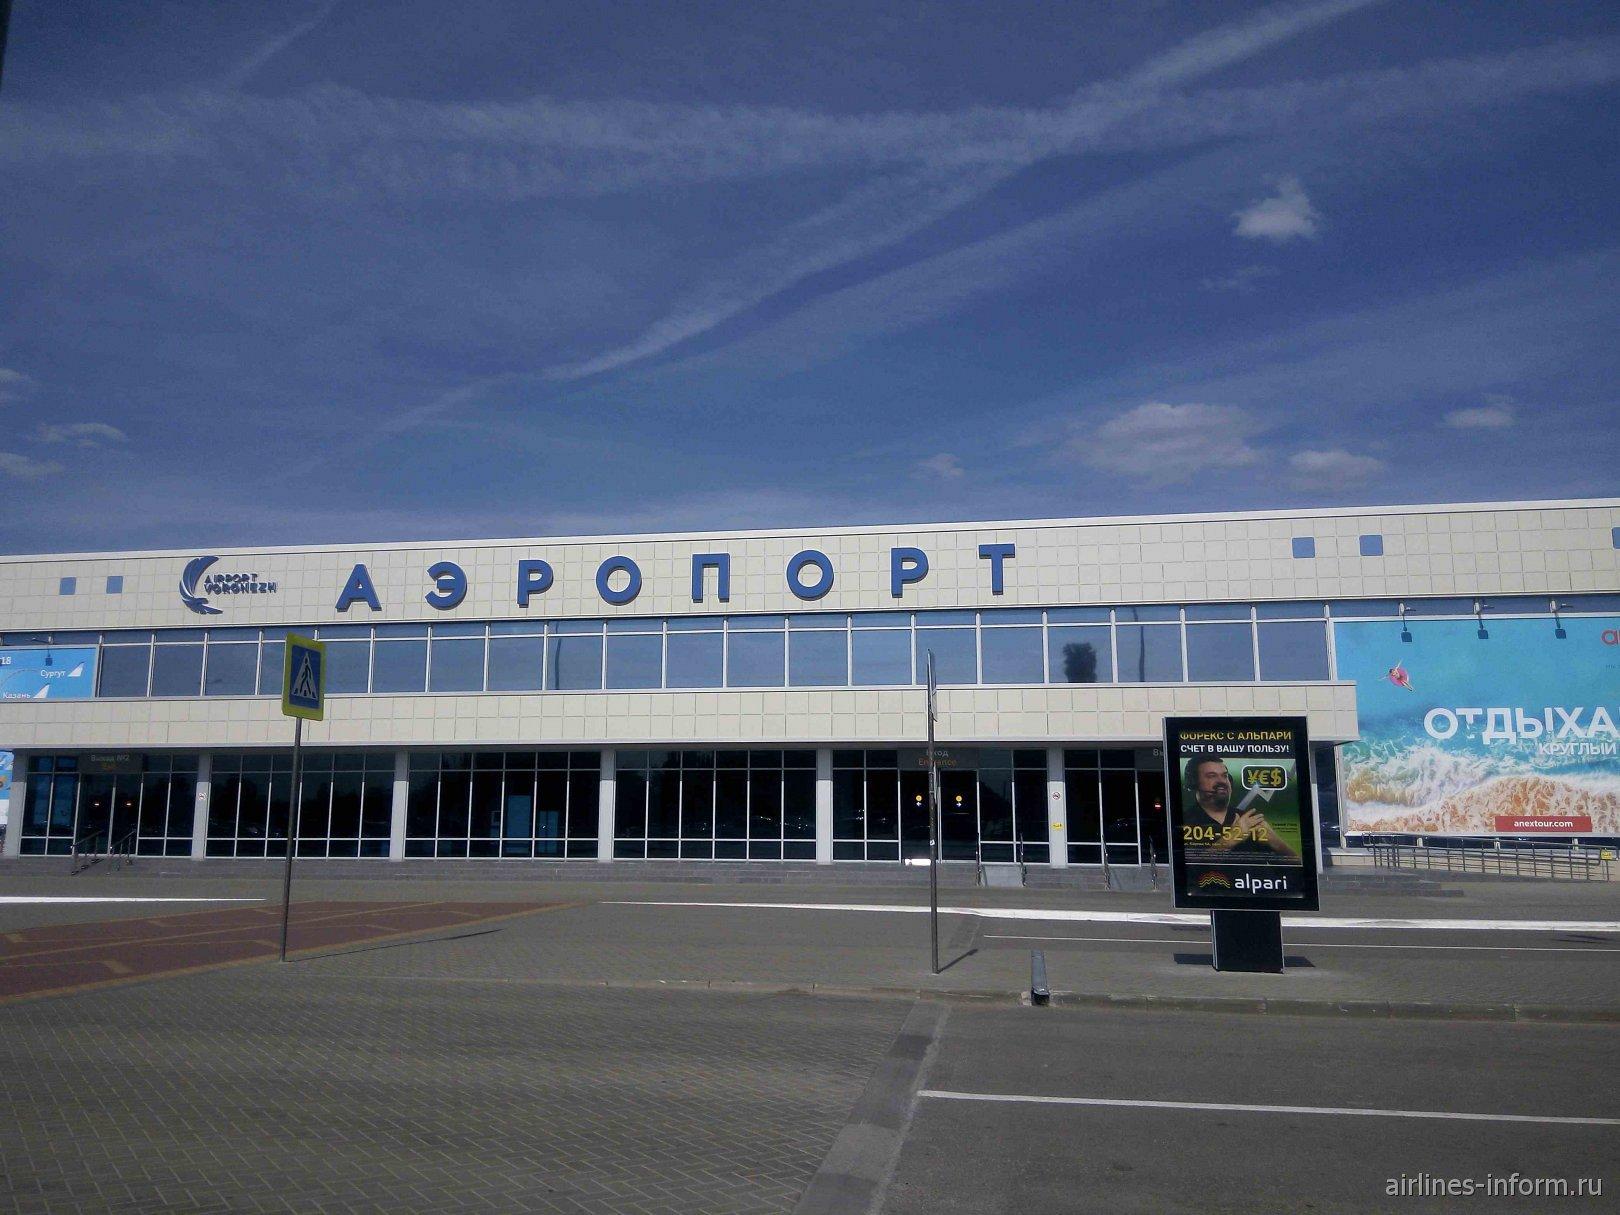 Аэровокзал аэропорта Воронеж